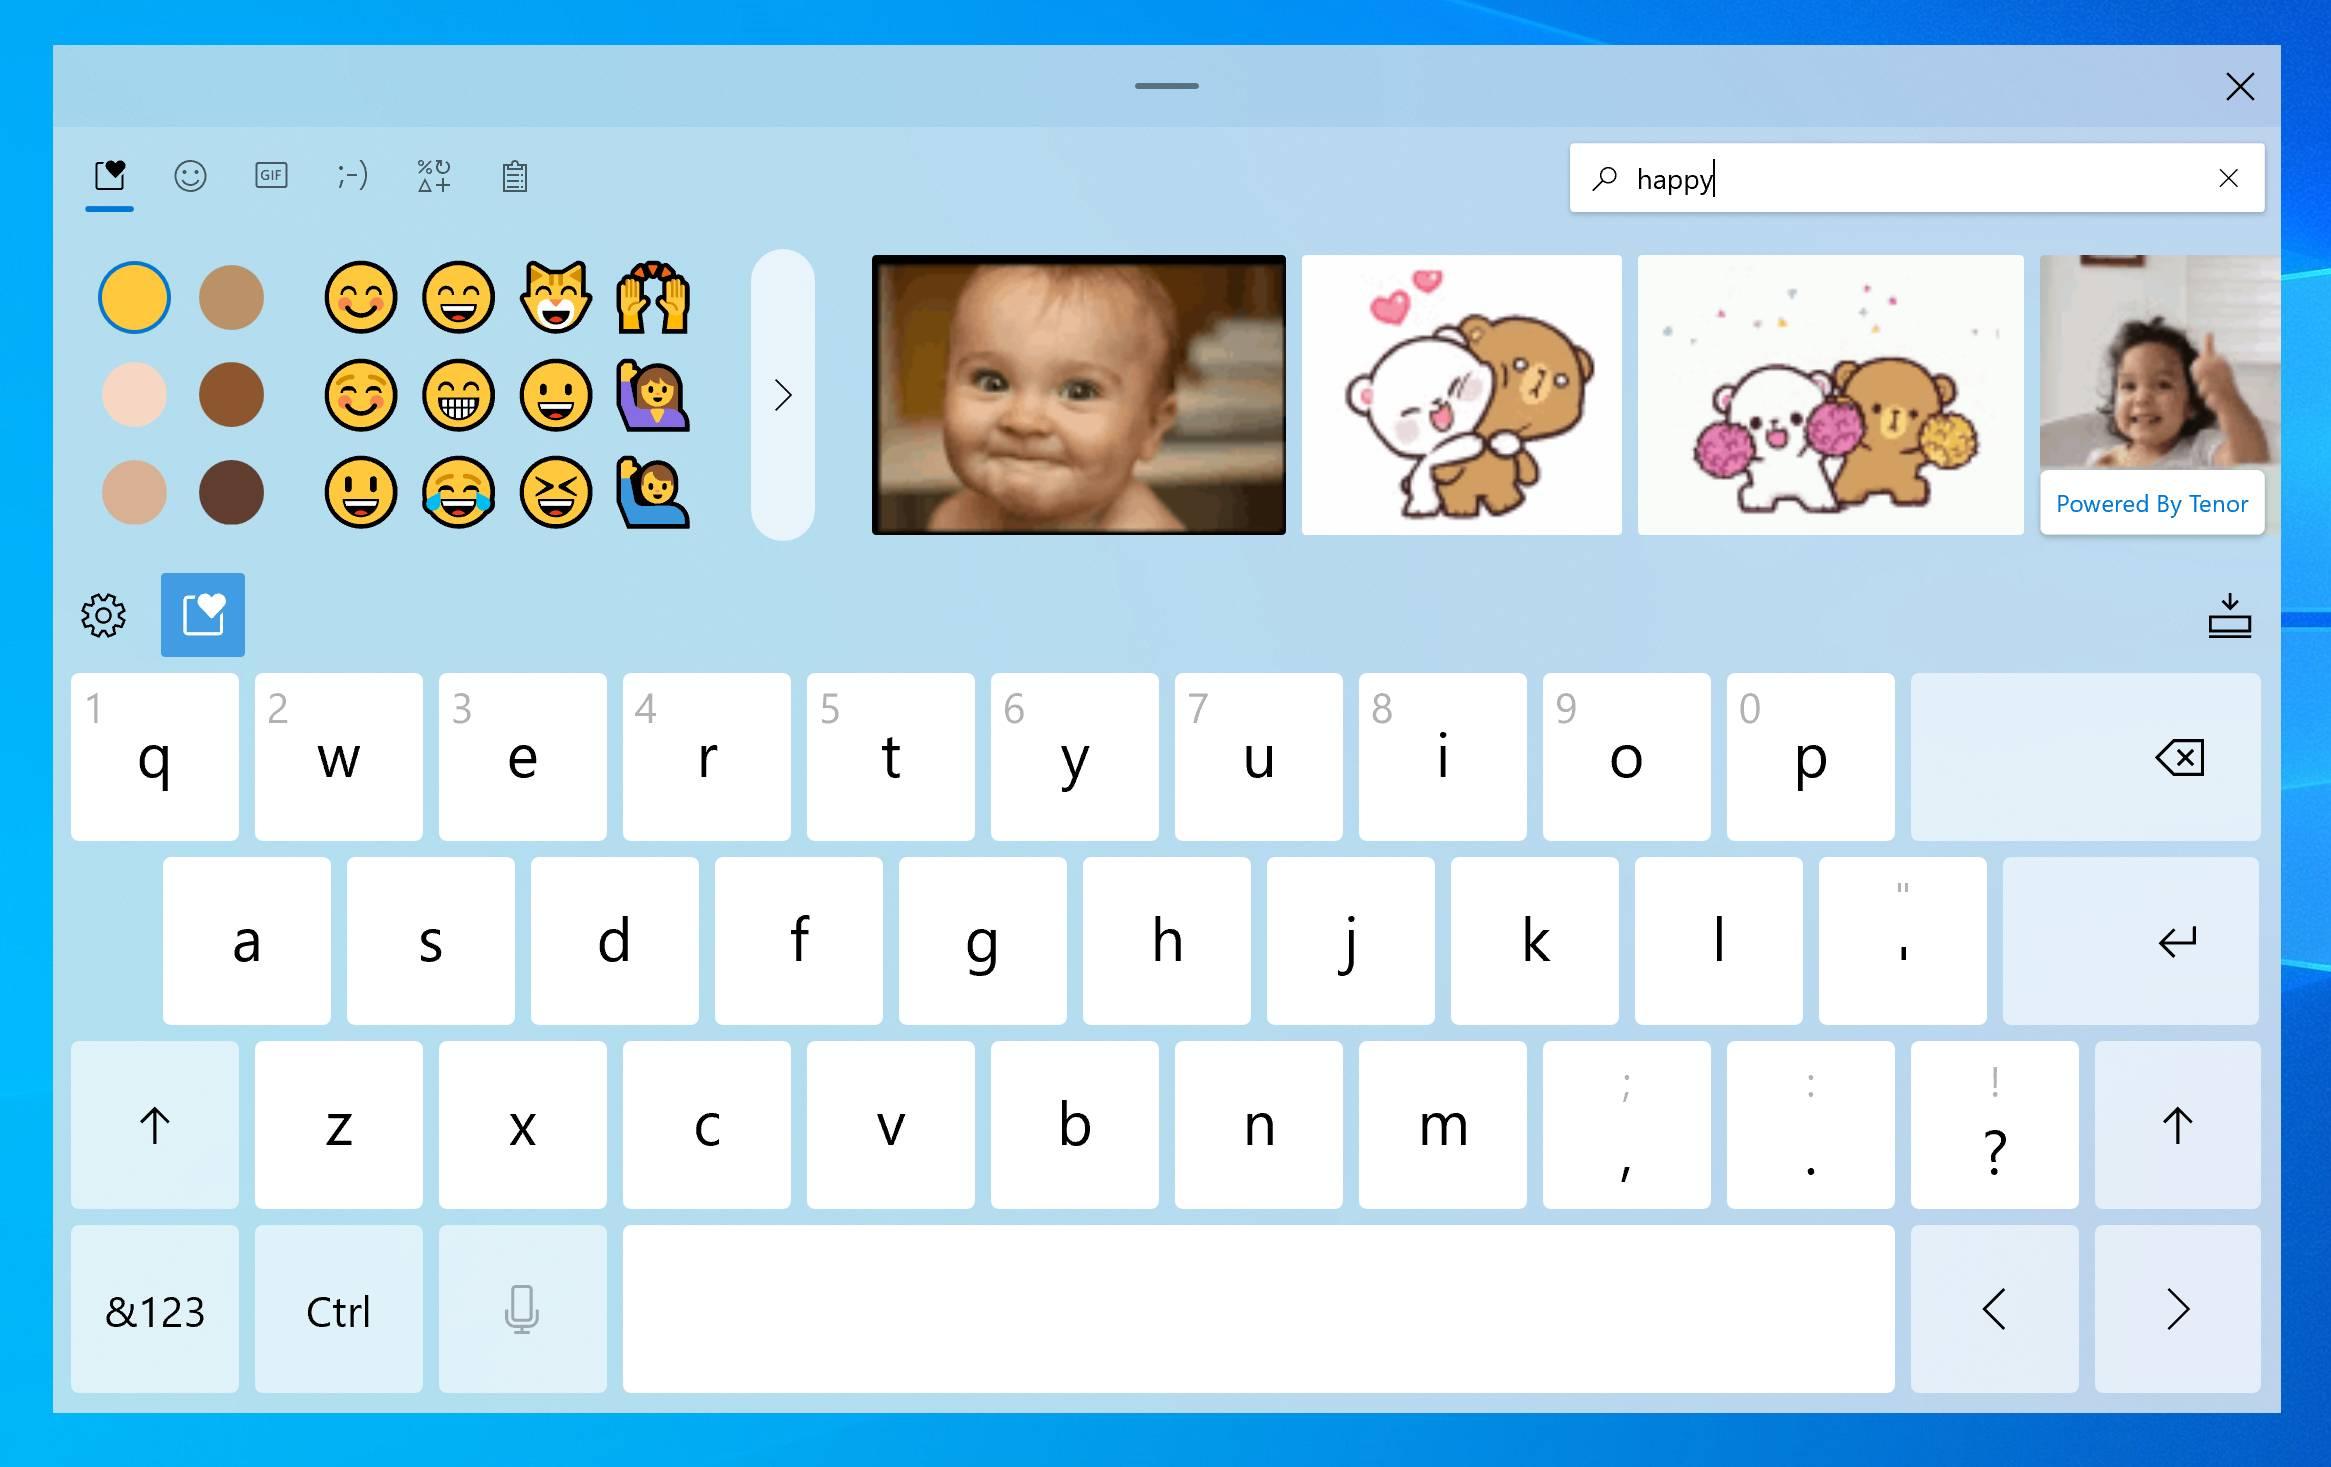 El teclado táctil llega a Windows 10 con Sun Valley